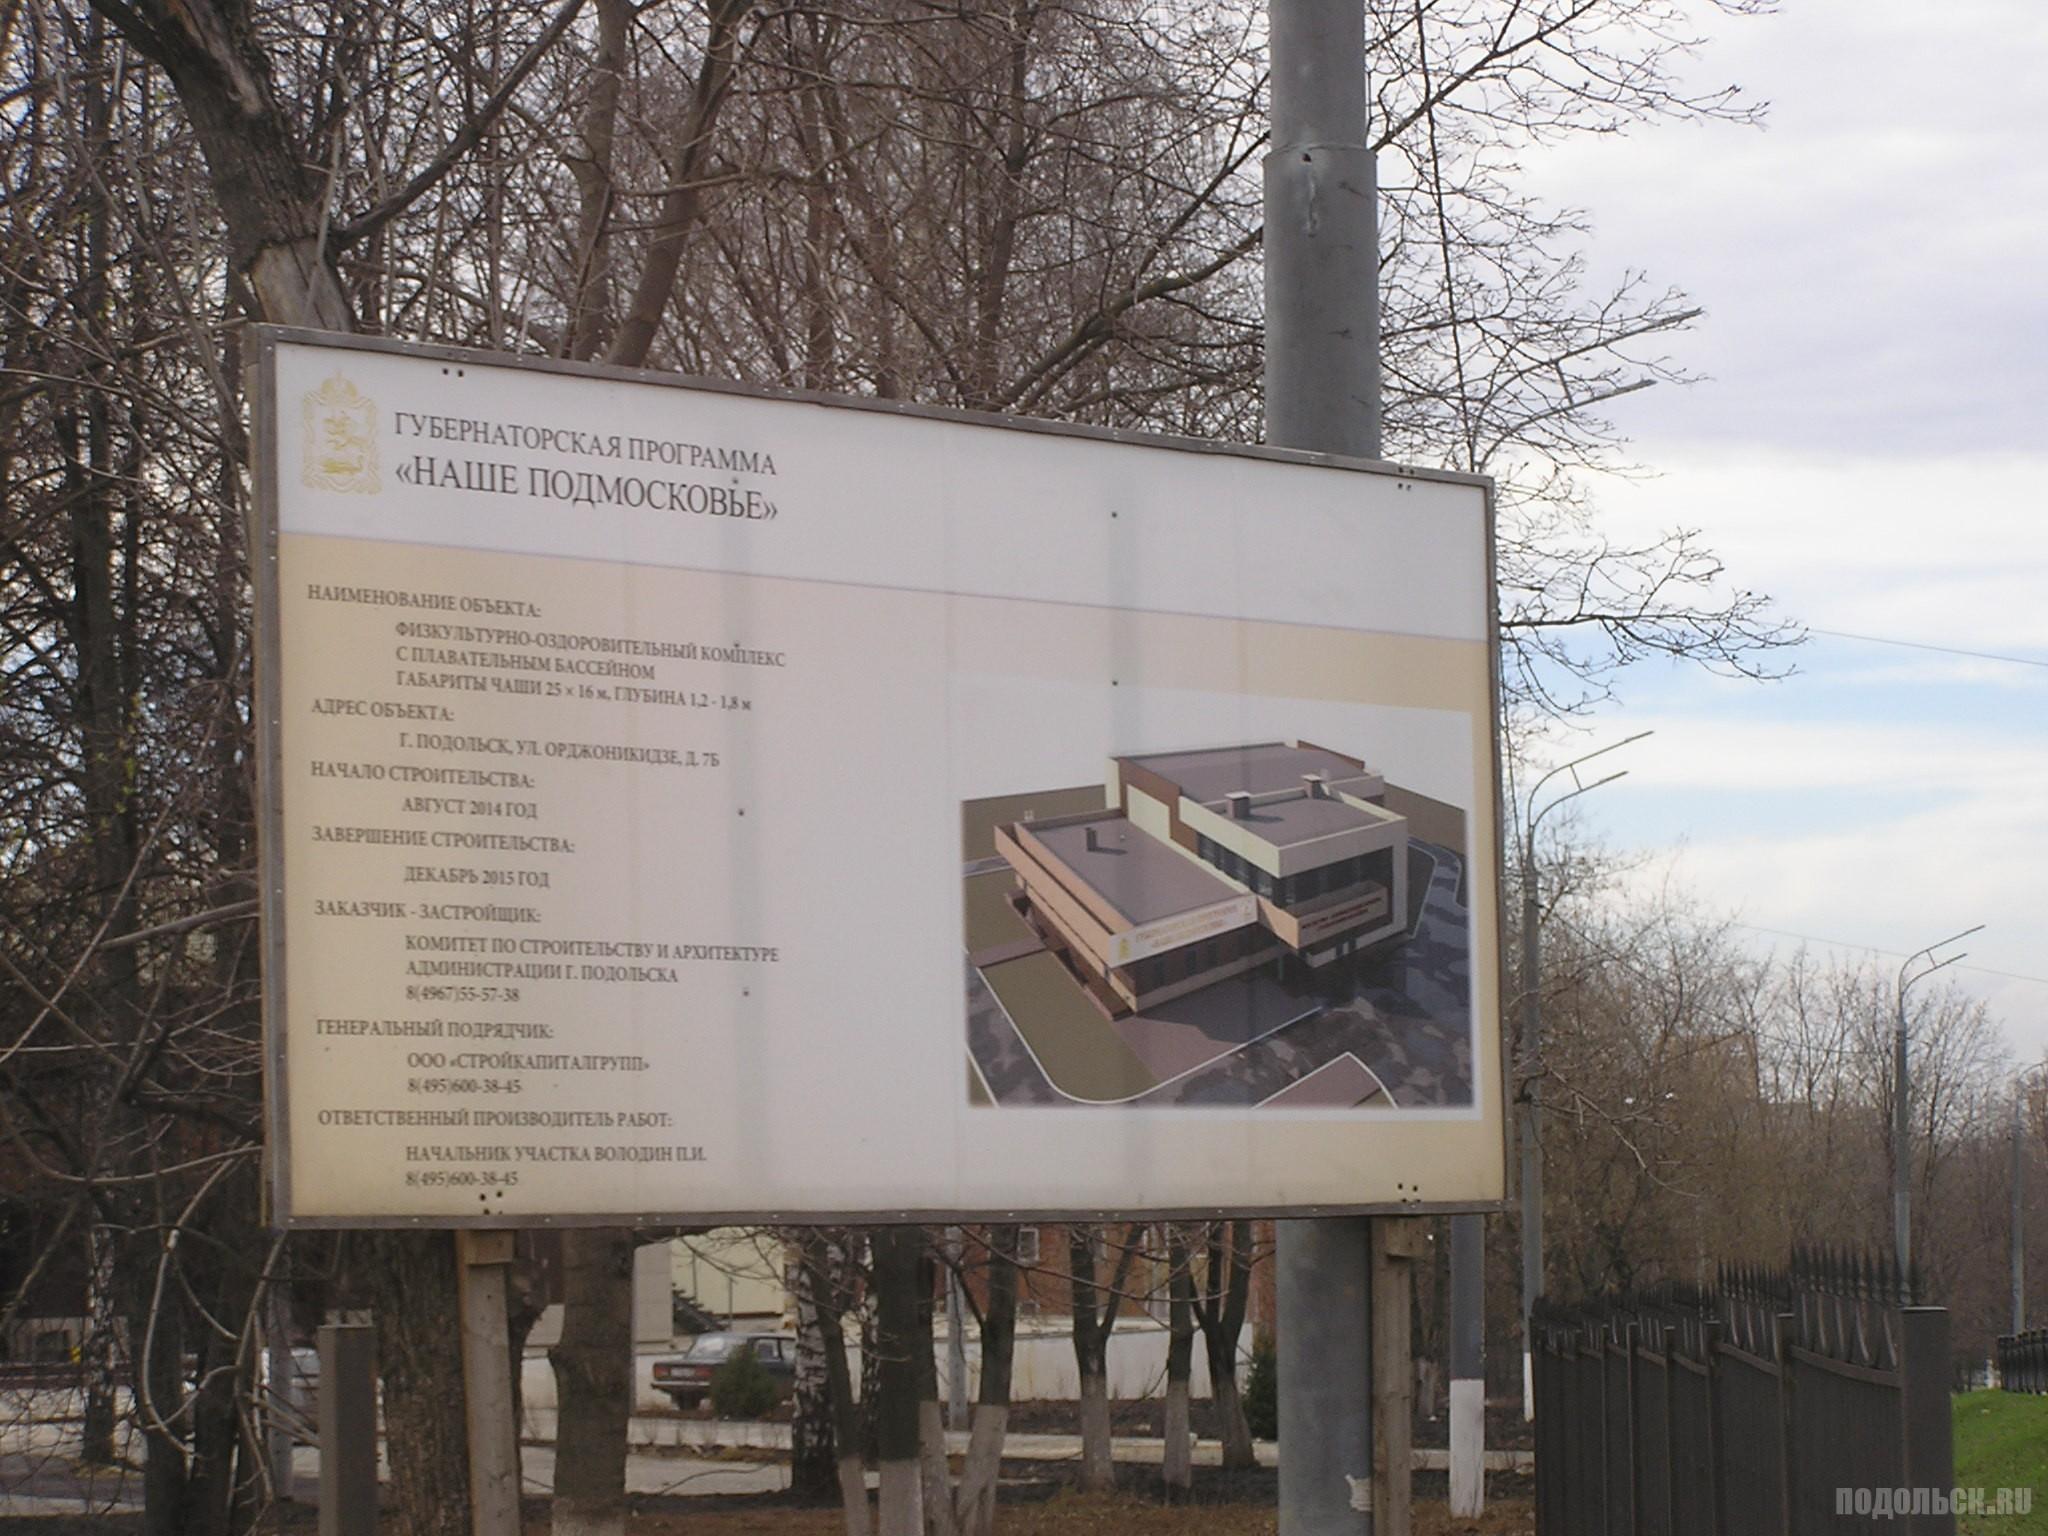 ФОК на Северном. Ул. Орджоникидзе, 18 апреля 2016 г.